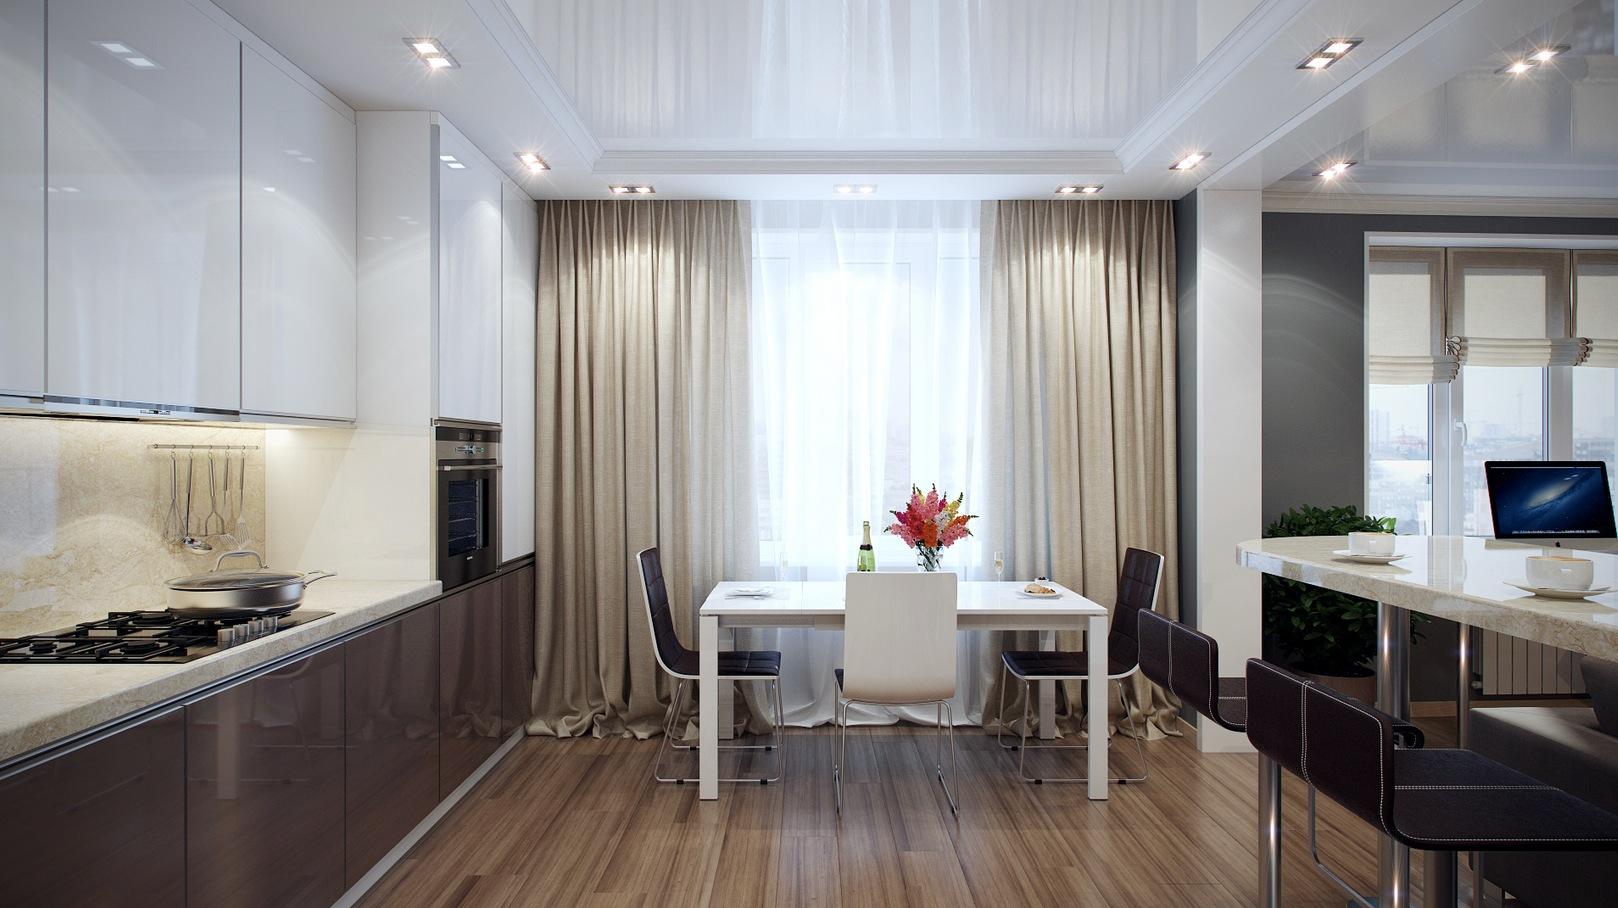 Кремовые шторы в стиле хай-тек на кухне